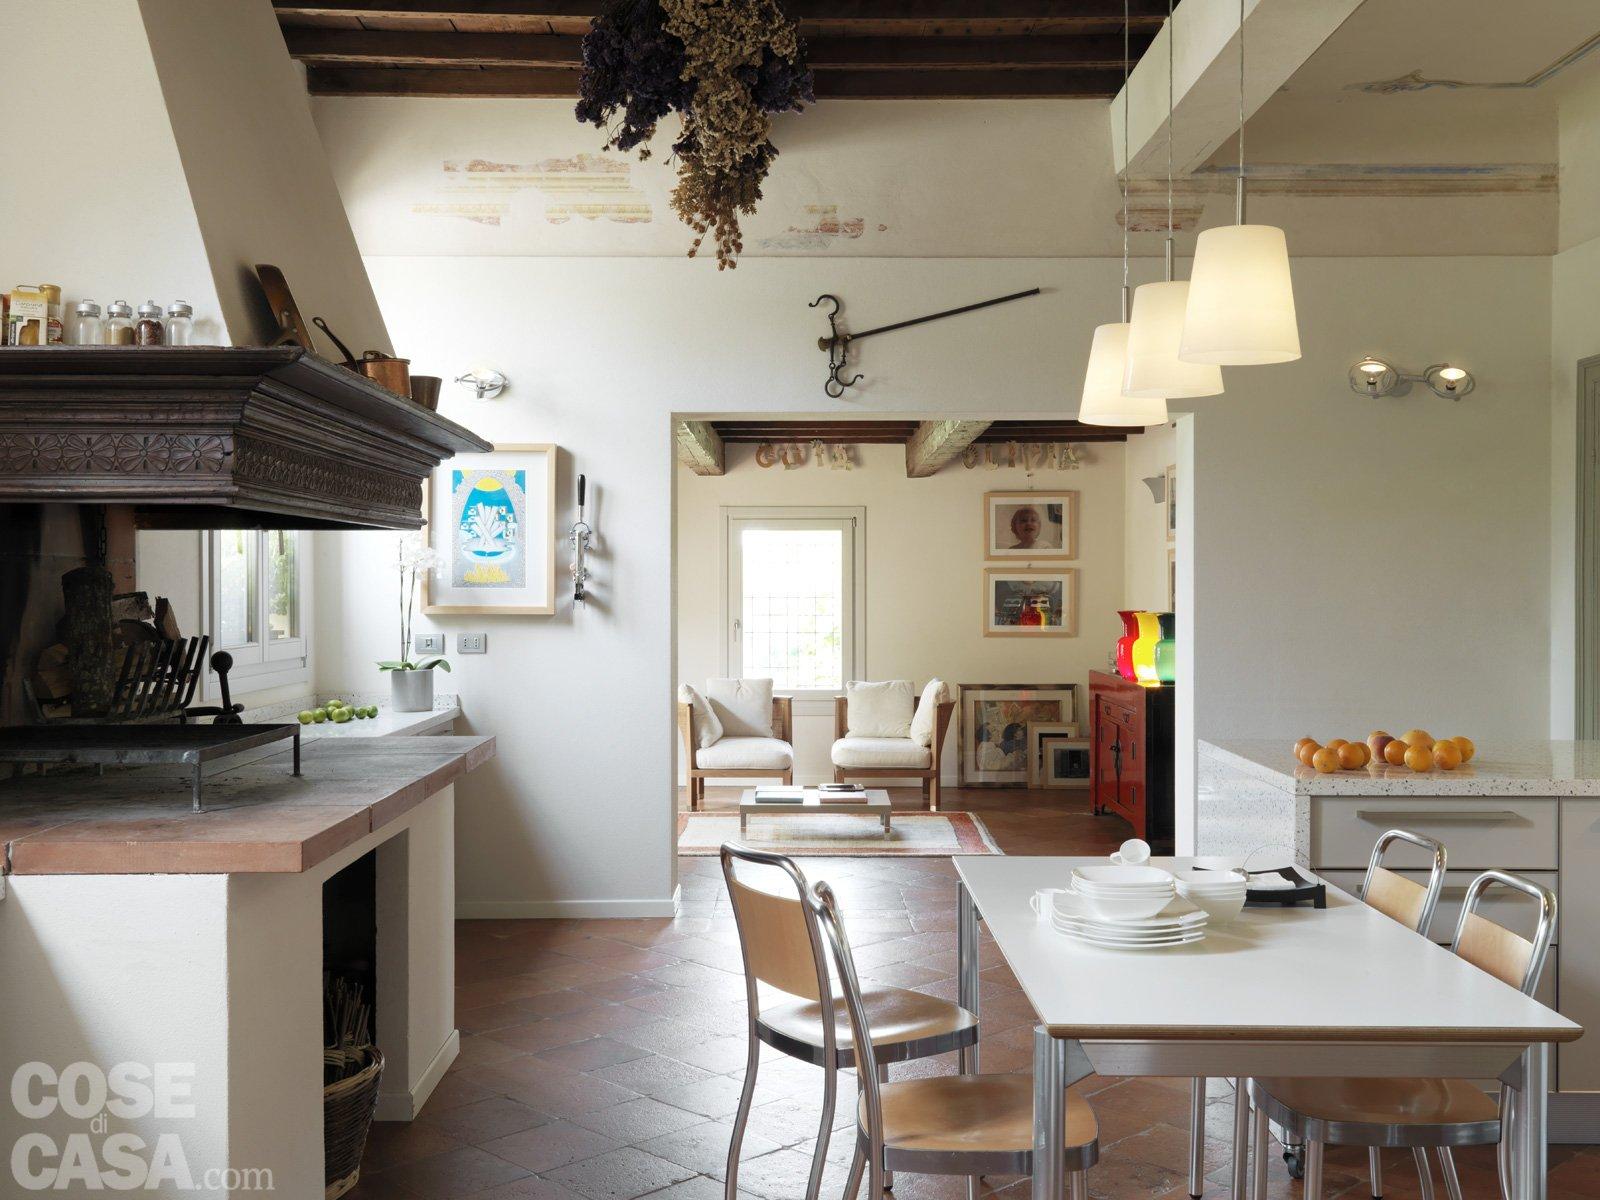 Casa Classica. Con Finiture E Mobili D'epoca Cose Di Casa #9F6B2C 1600 1200 Arredare Zona Giorno Con Cucina A Vista